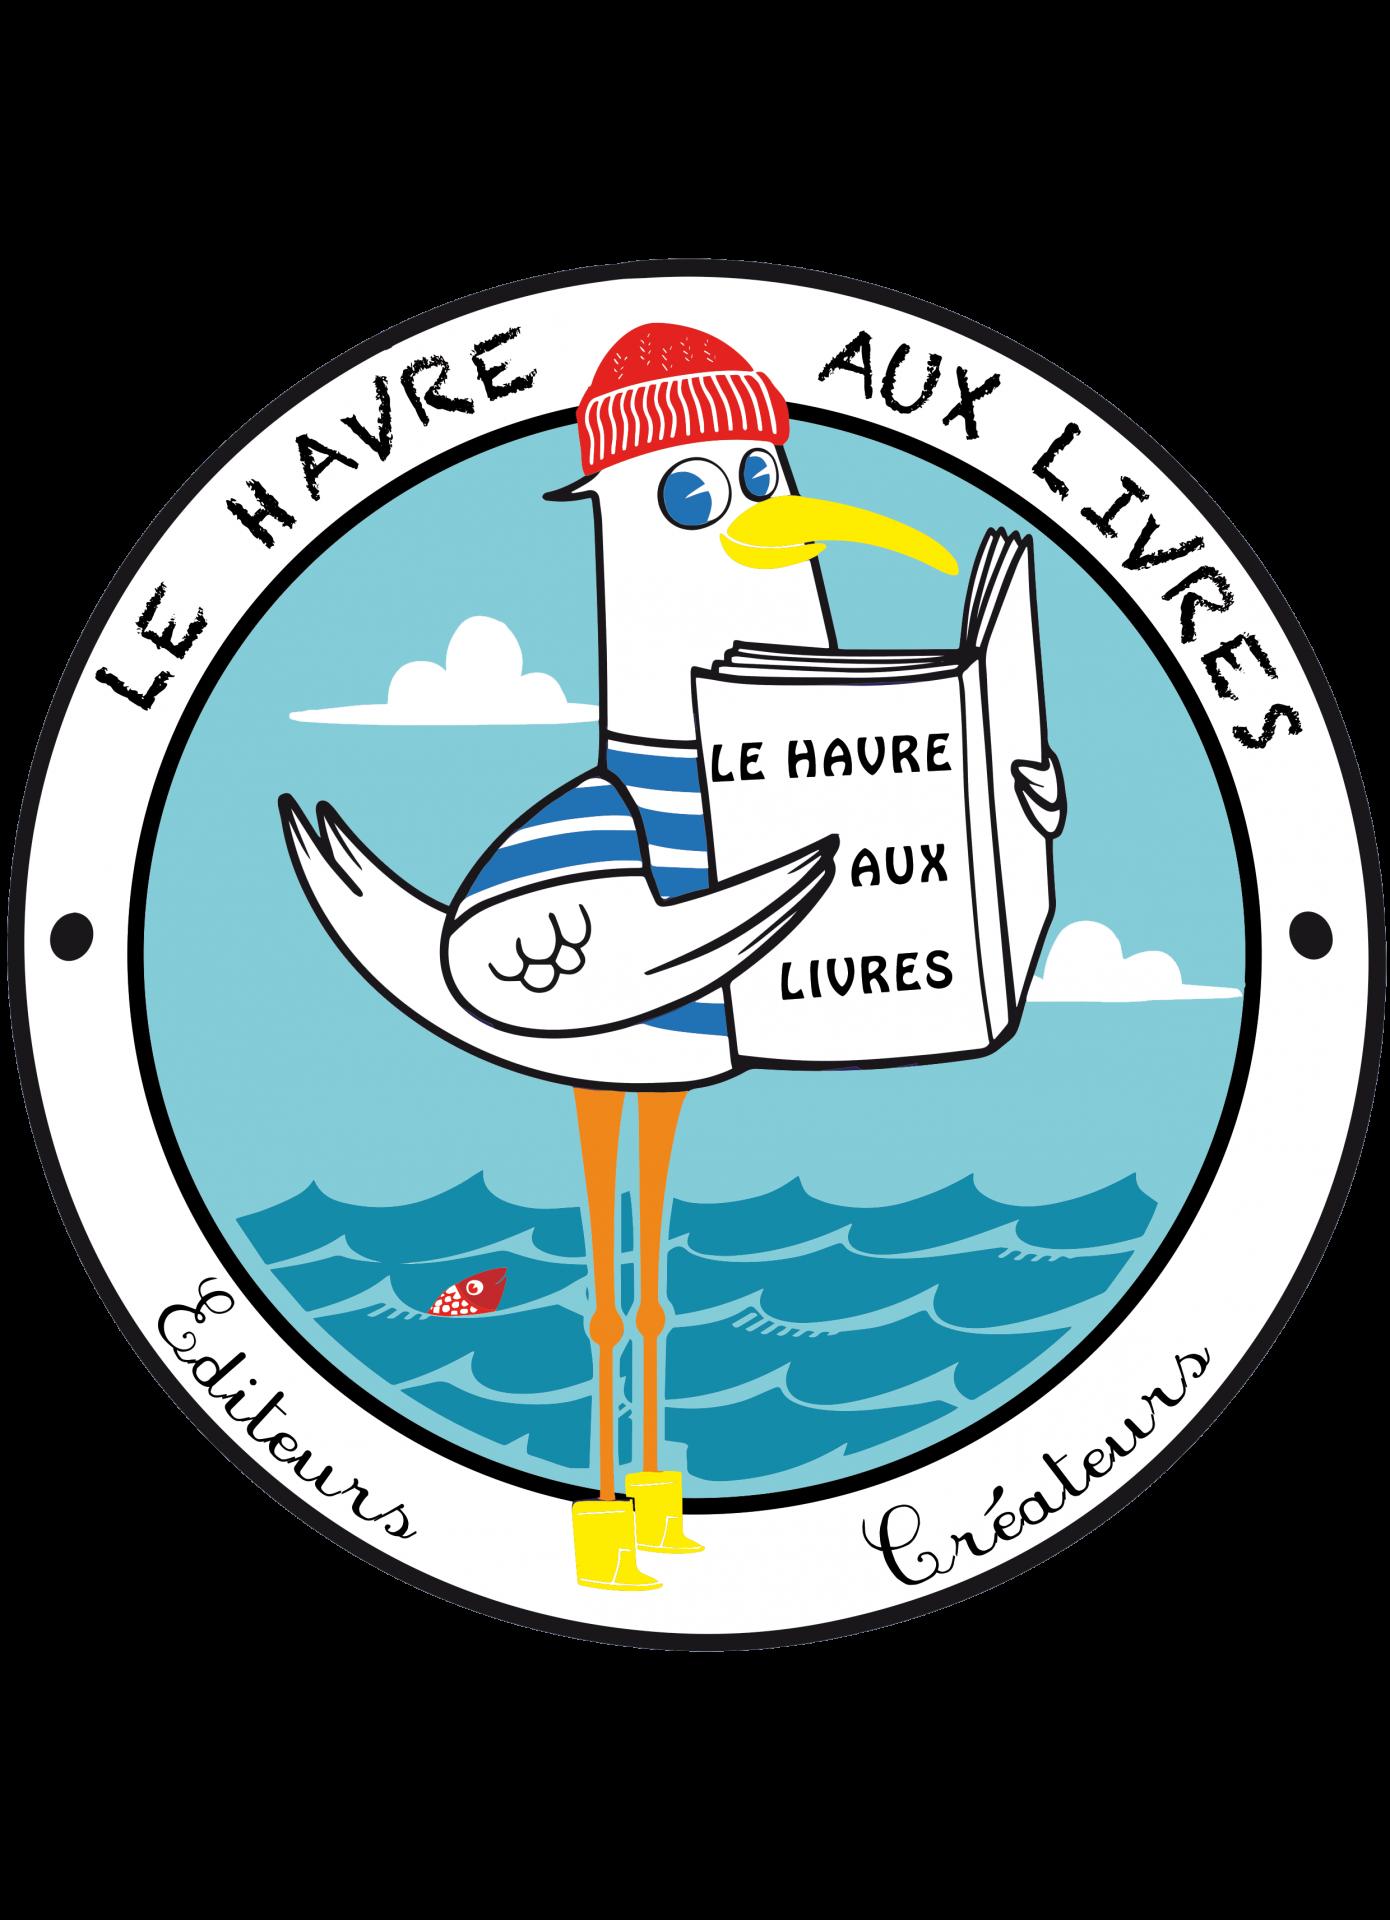 Le Havre aux livres